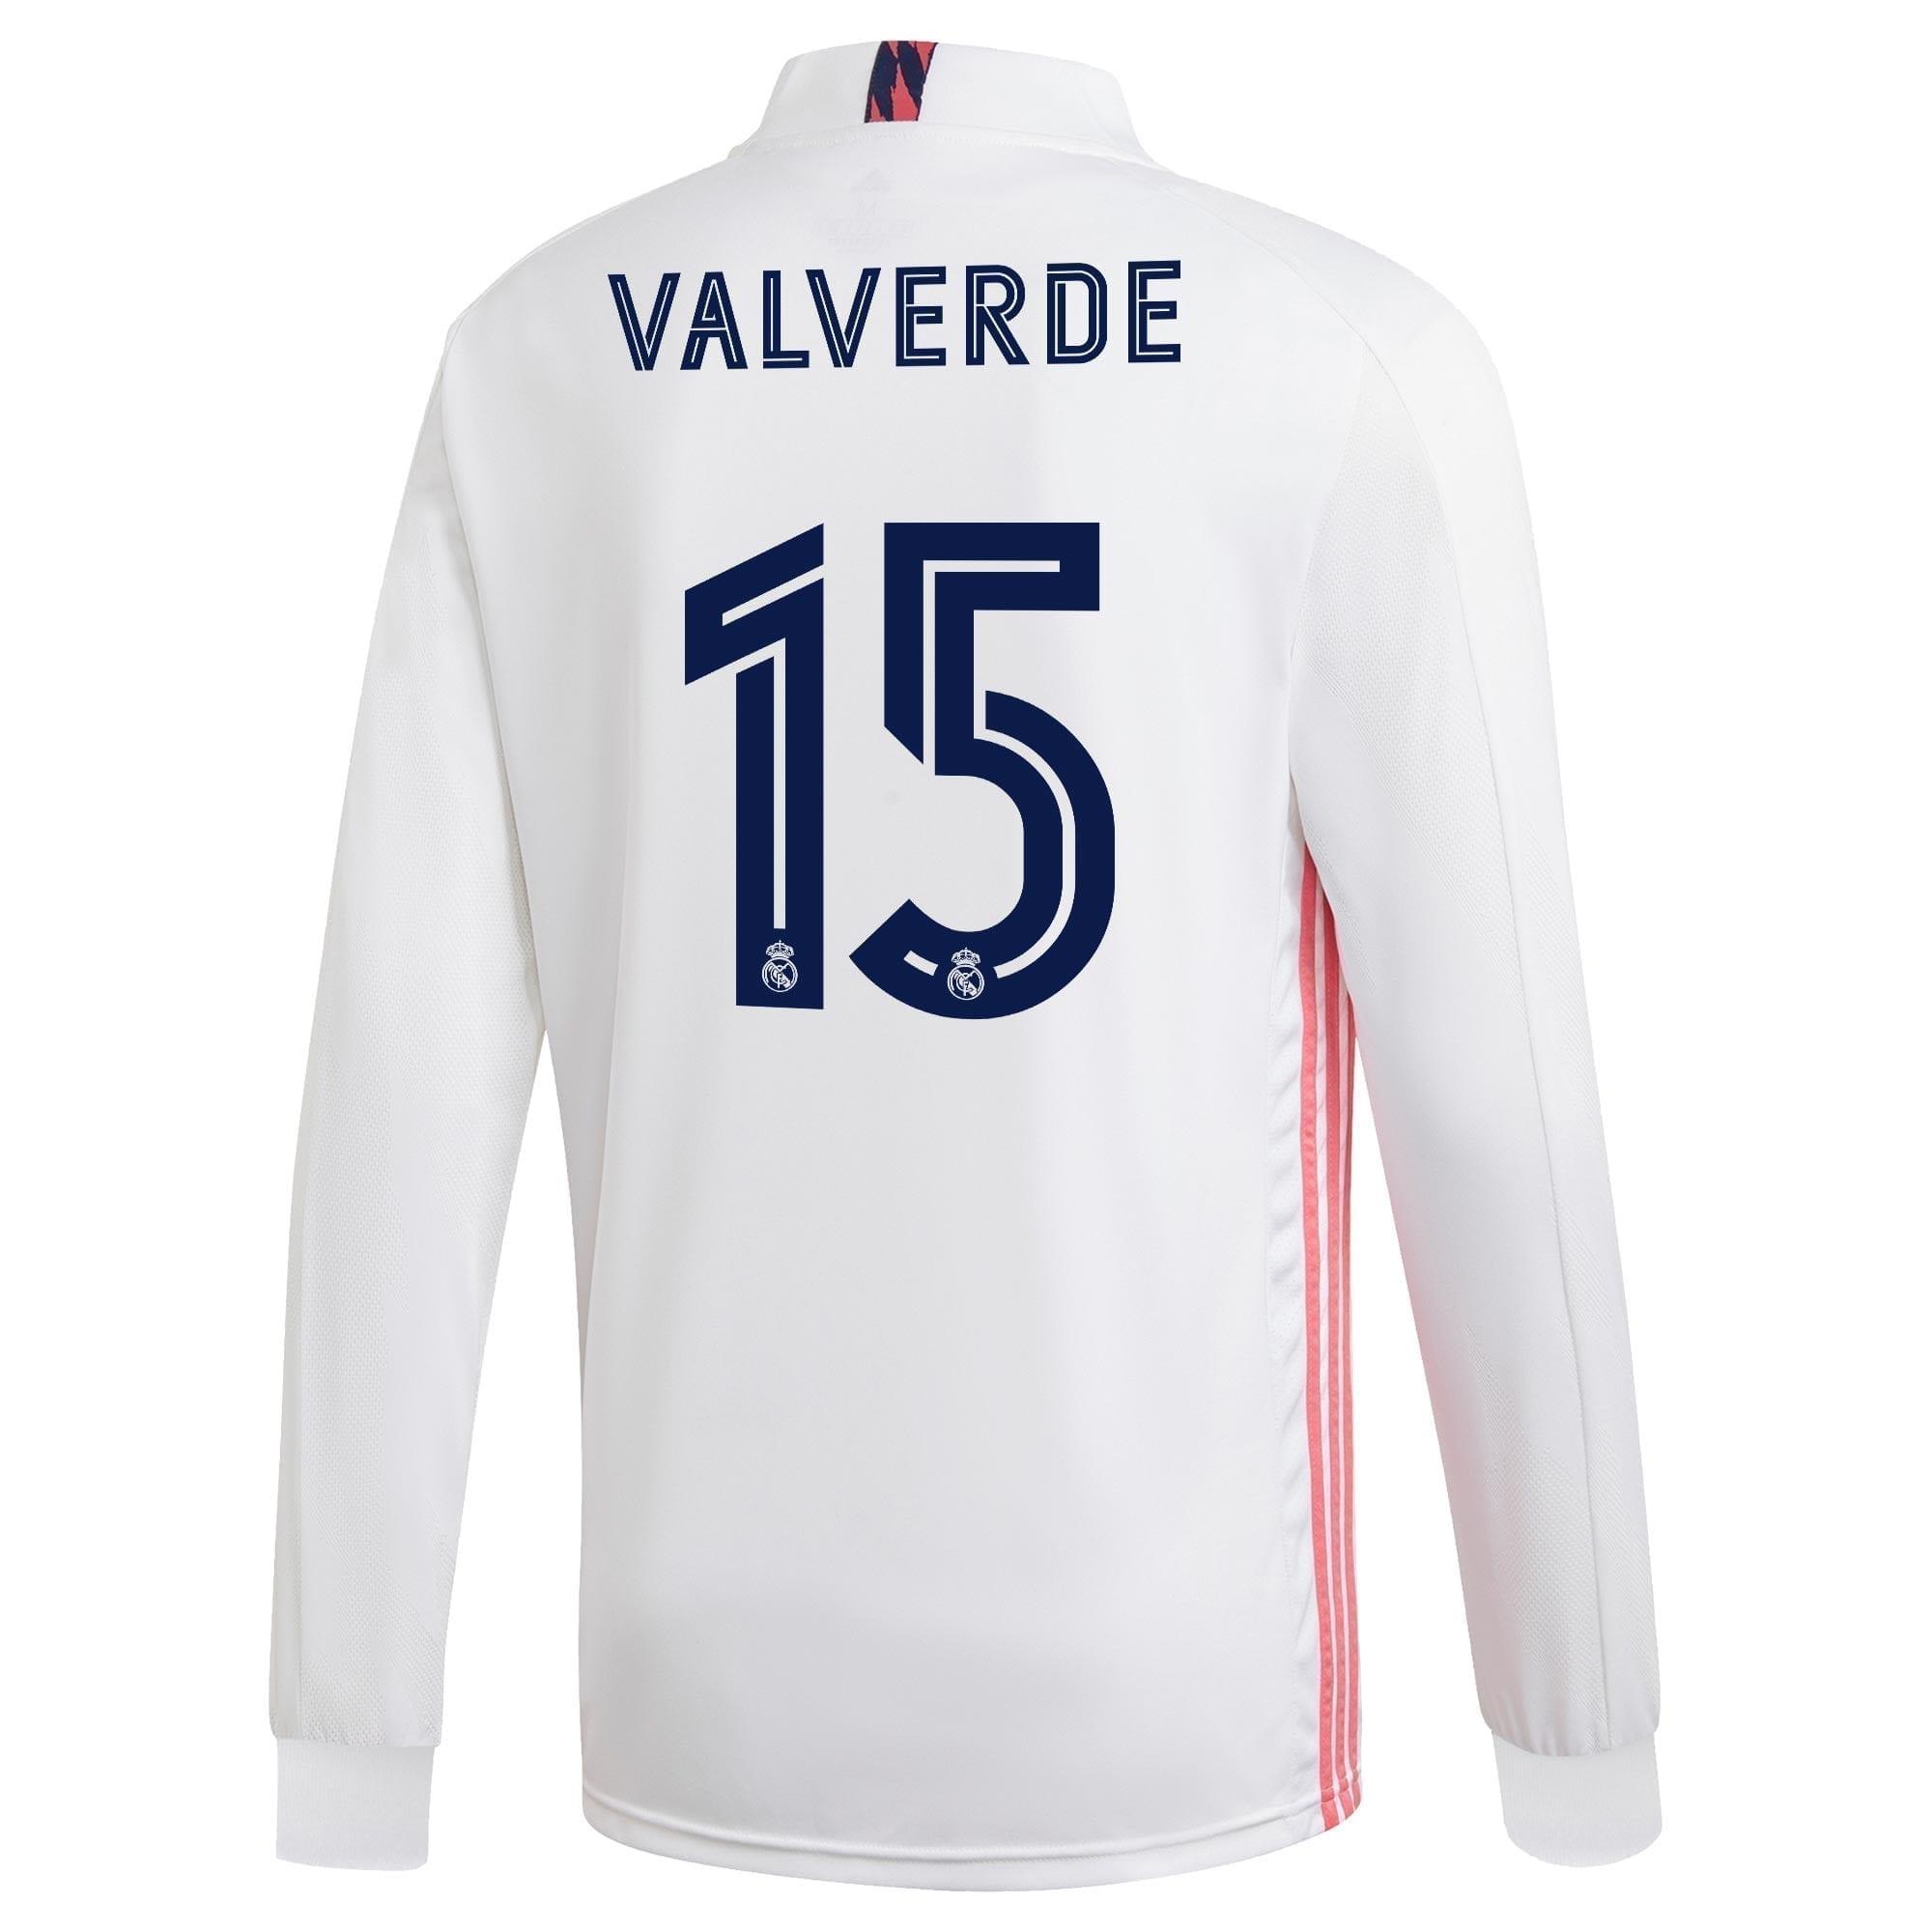 Футболка Реал Мадрид 2020-2021 Вальверде 15 длинный рукав